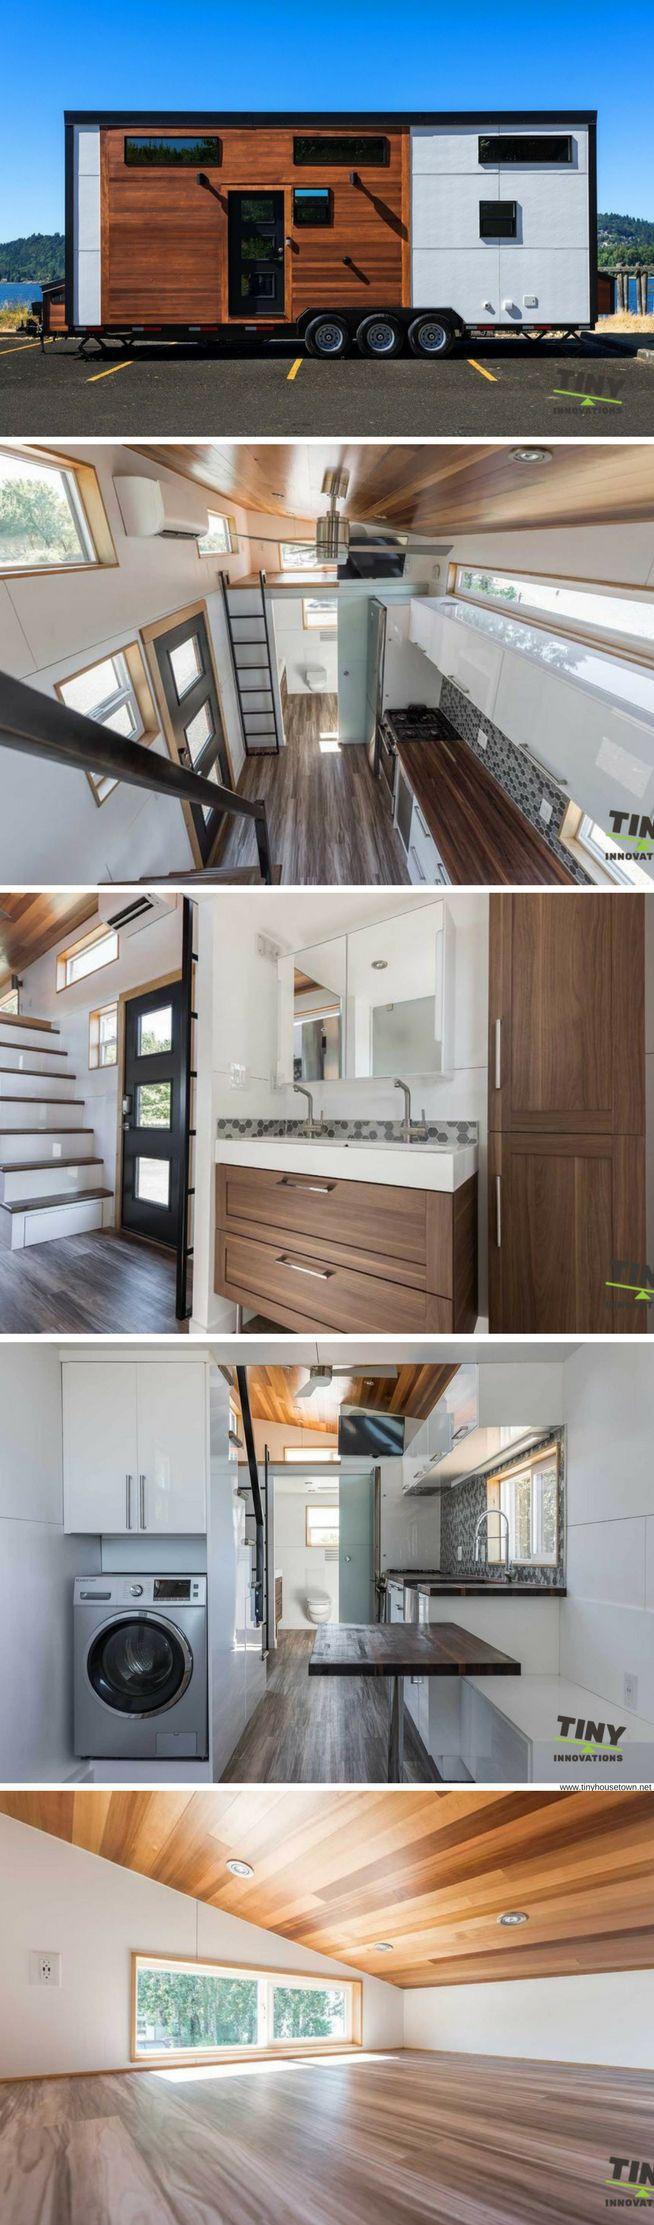 The Catalina Tiny House (317 sq ft)